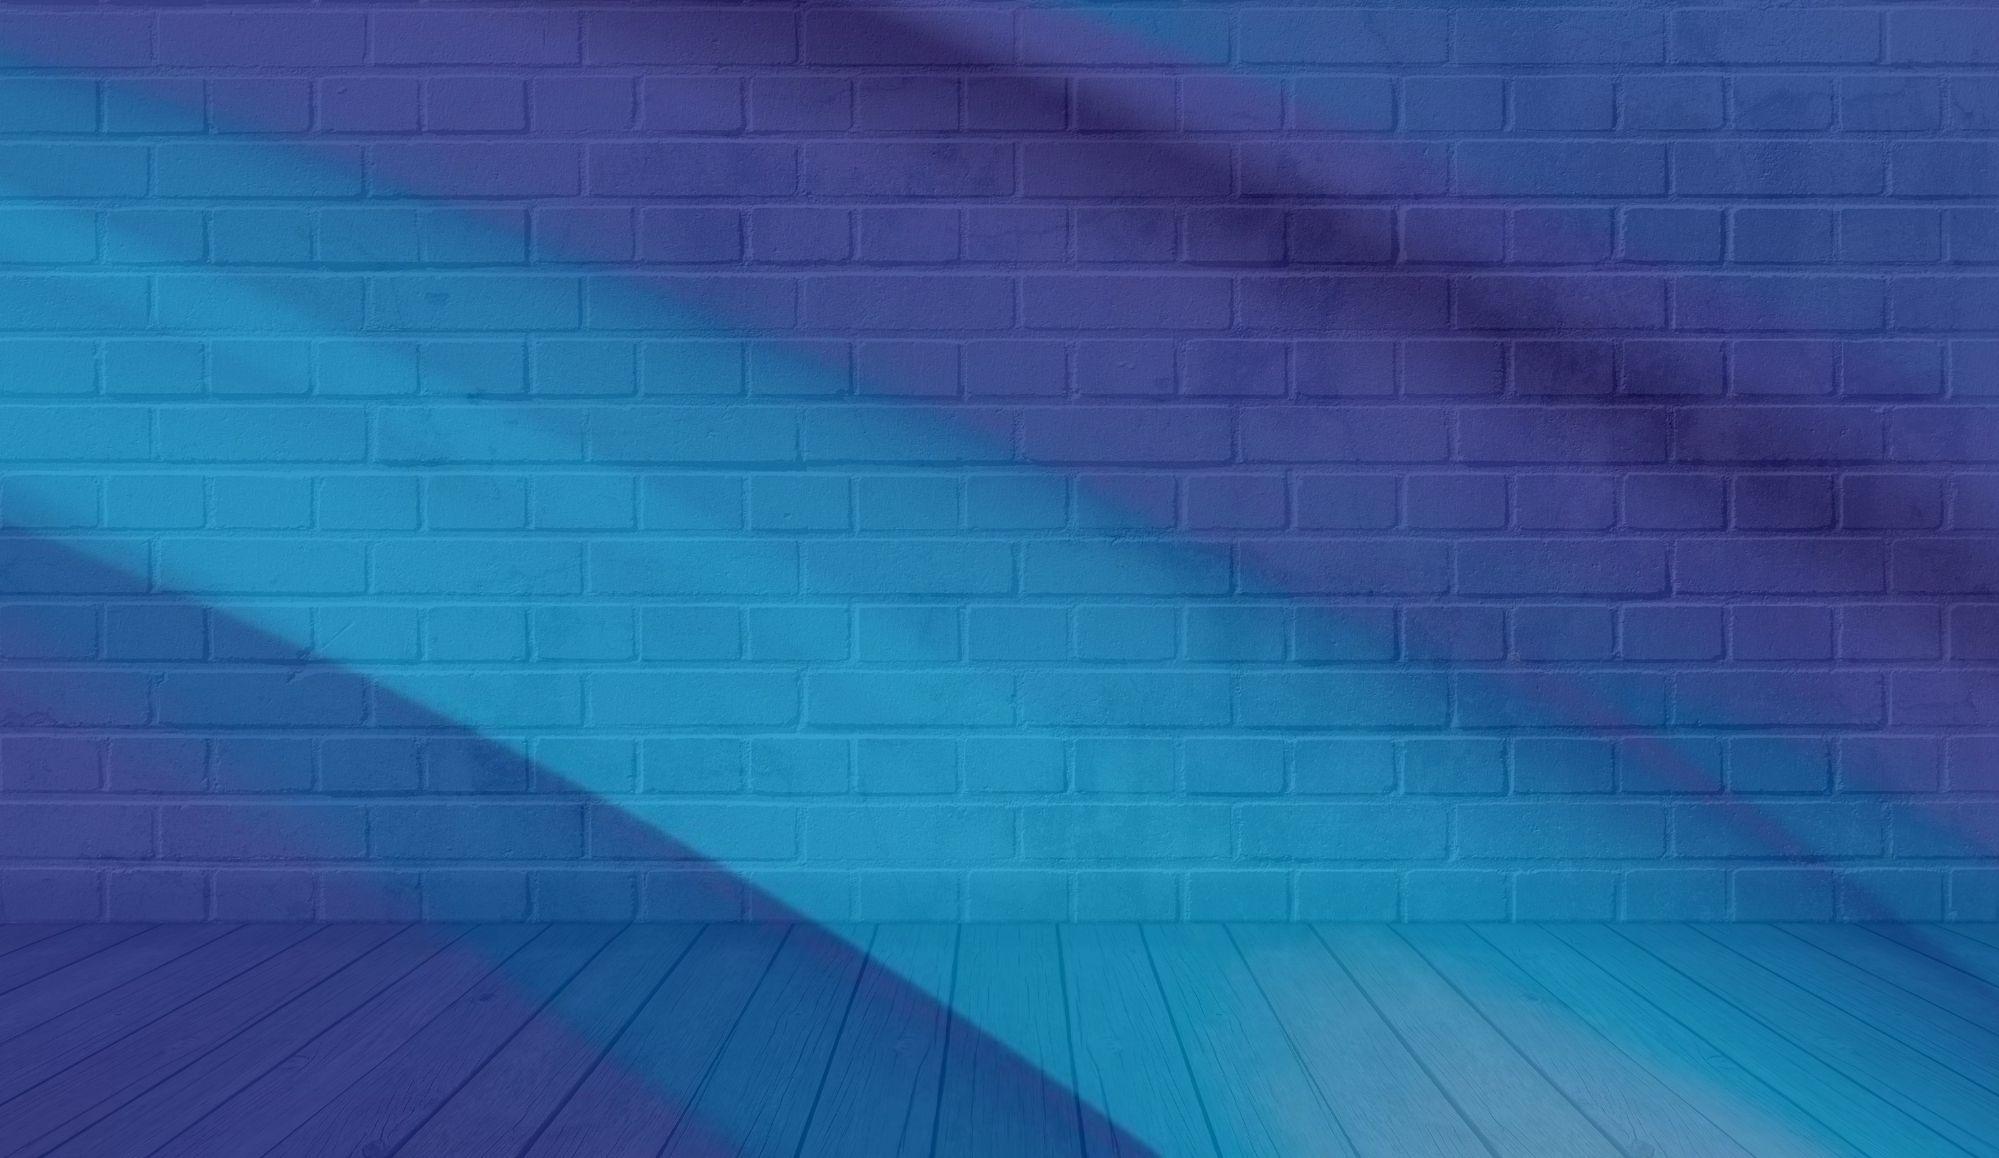 coreprotect background